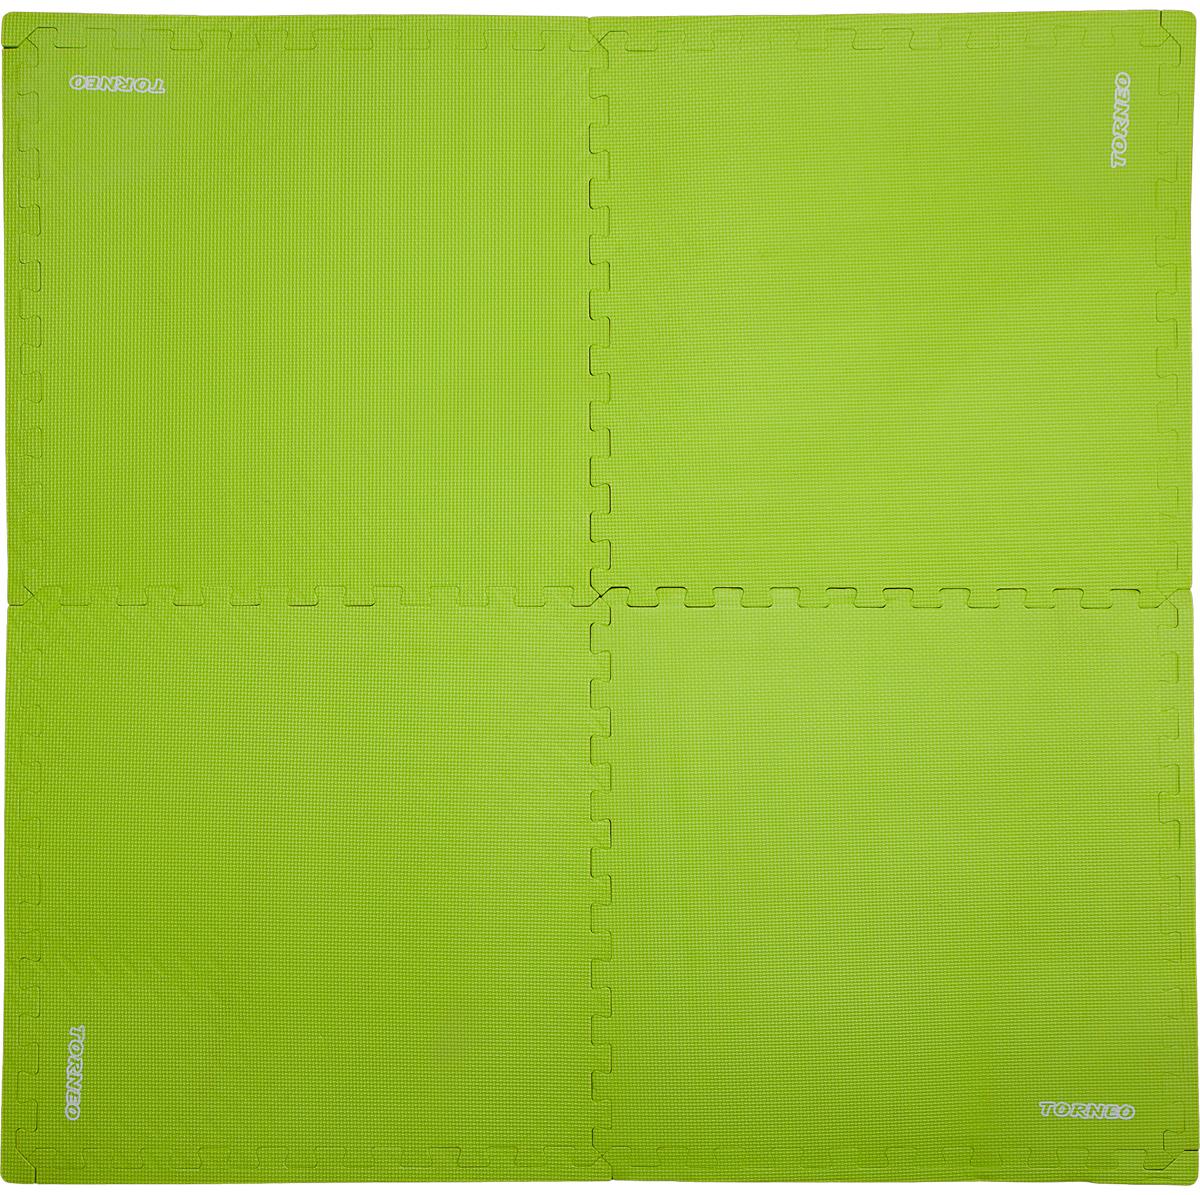 Коврик для йоги и фитнеса Torneo, цвет: зеленый, 124 х 124 см сетка для бадминтона со стойками torneo nt 100t